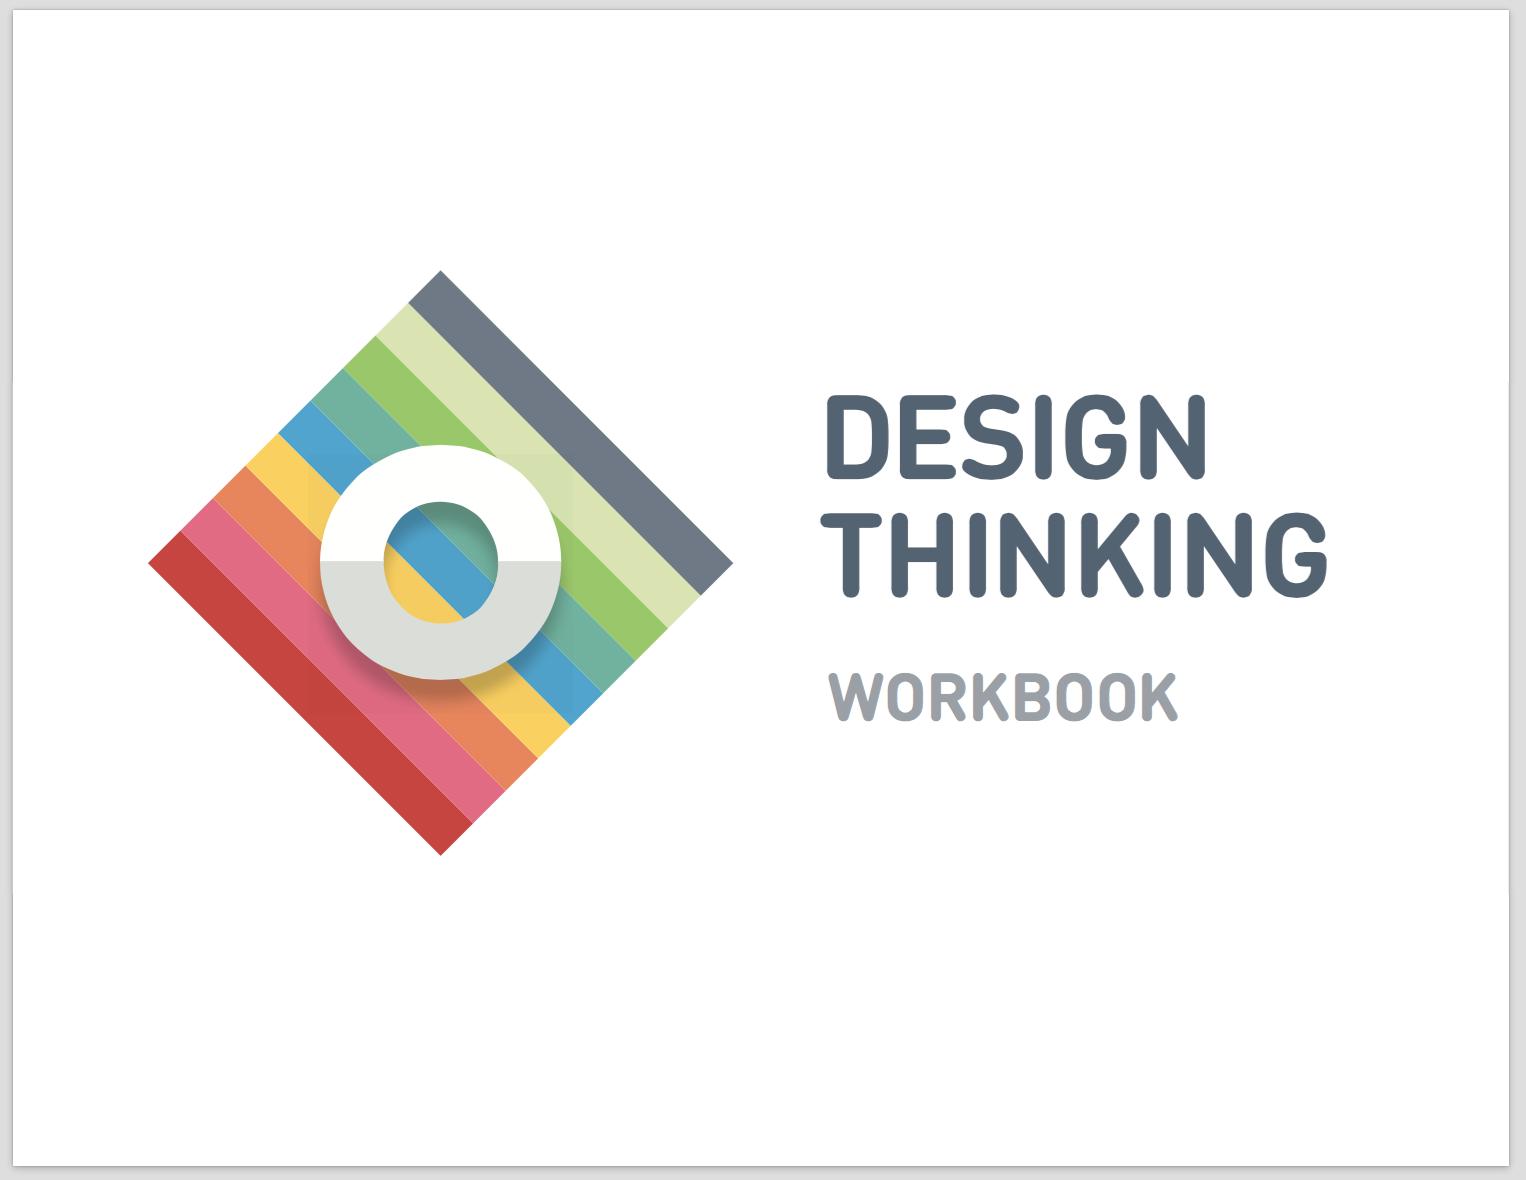 Design Thinking Workbook